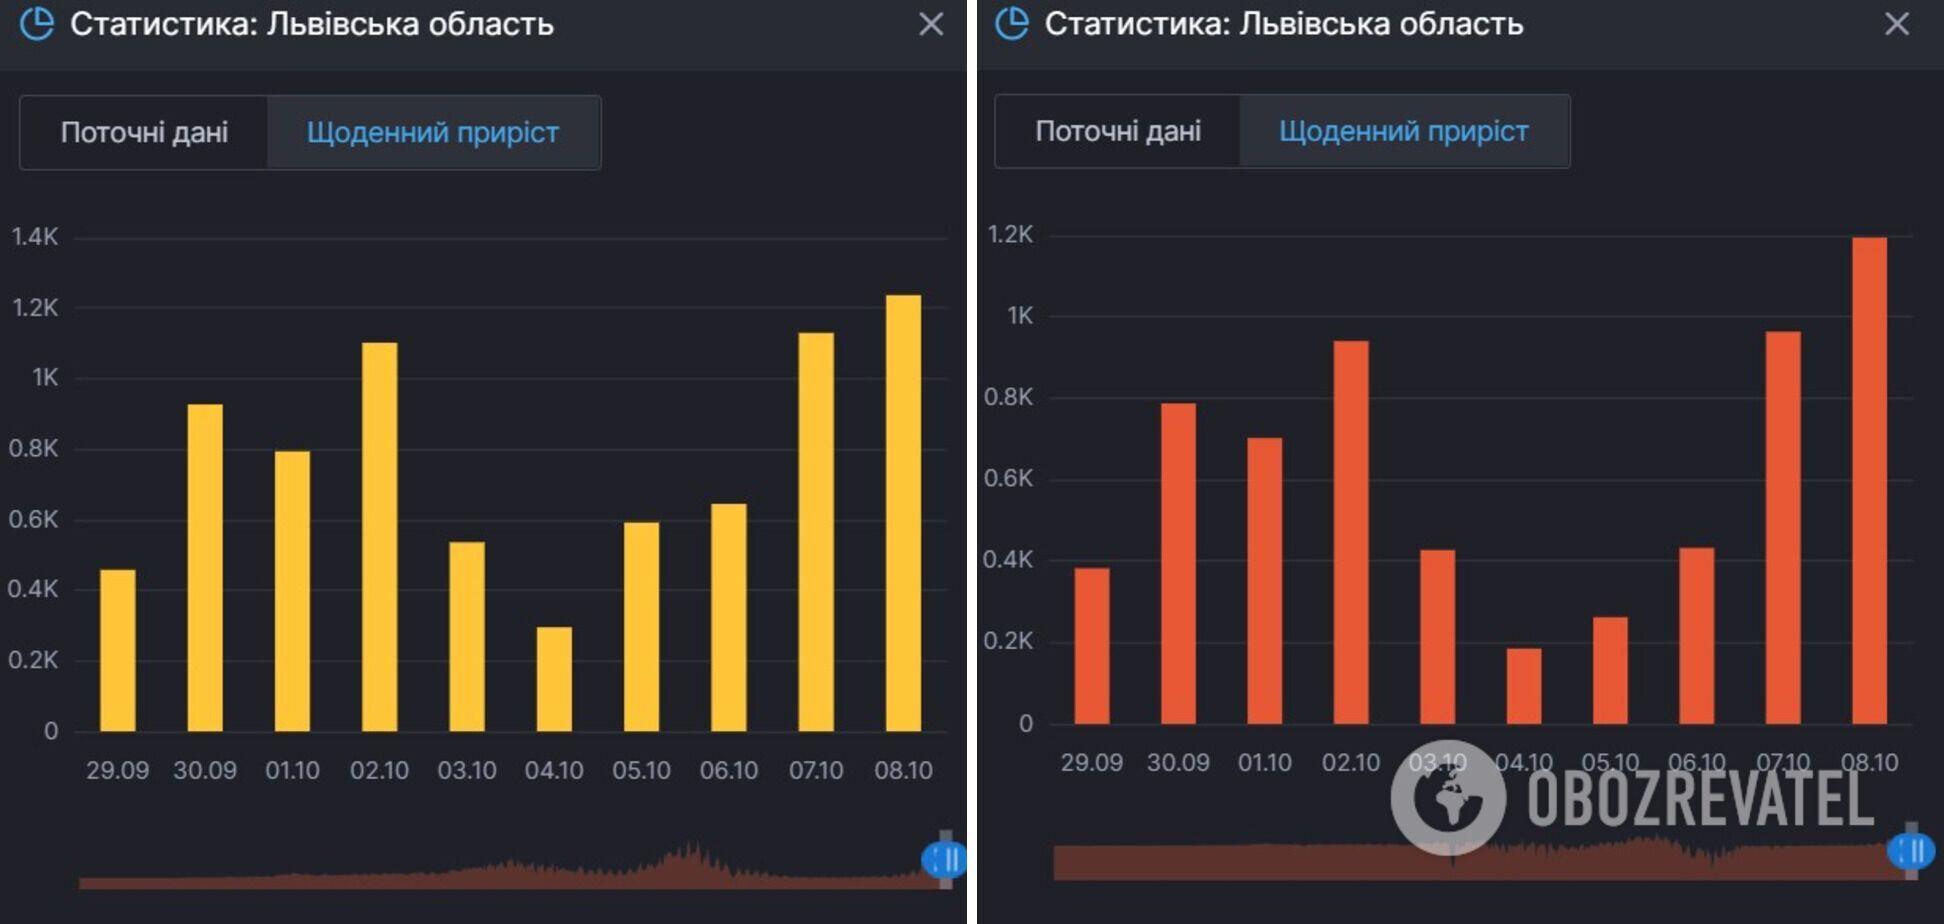 Прирост новых случаев COVID-19 на Львовщине и тех, кто продолжает болеть